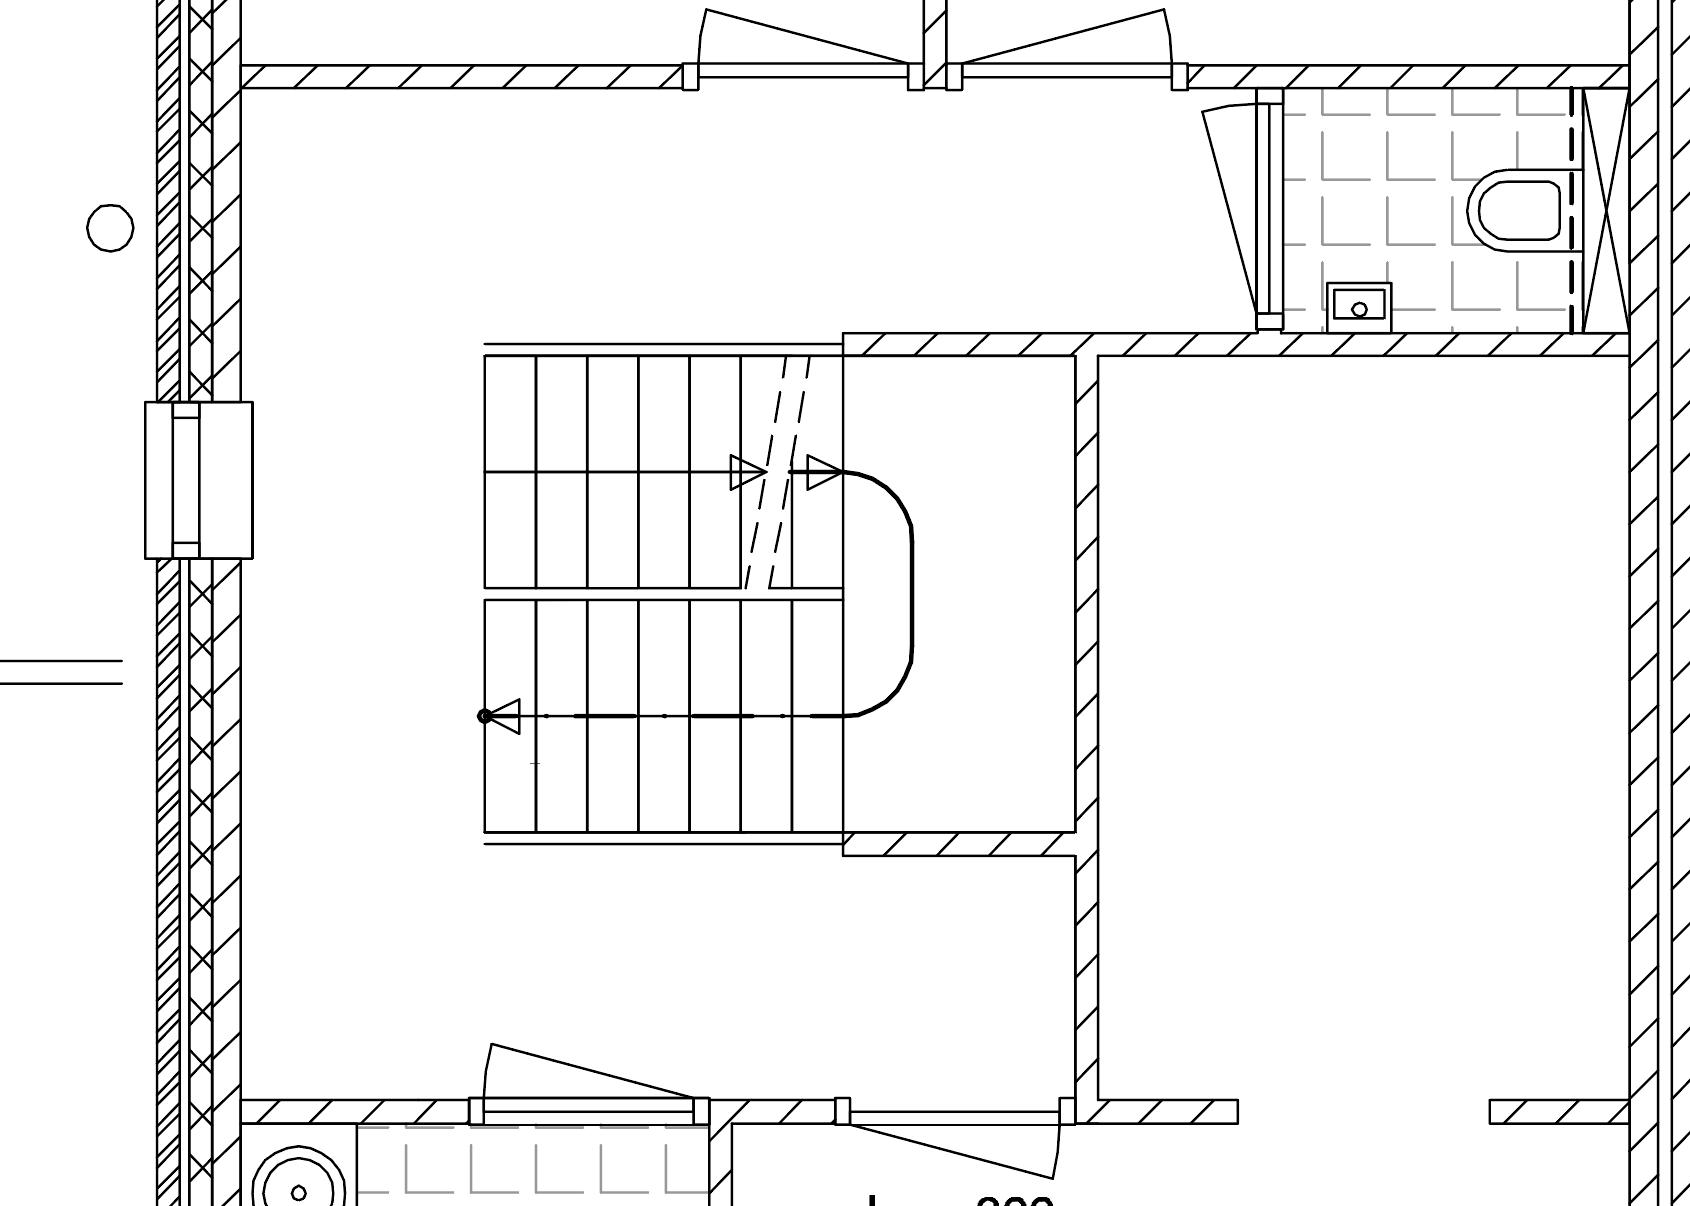 Fabulous Trappen van staal (bordes)- Technische tekening/berekening - Werkspot NK85